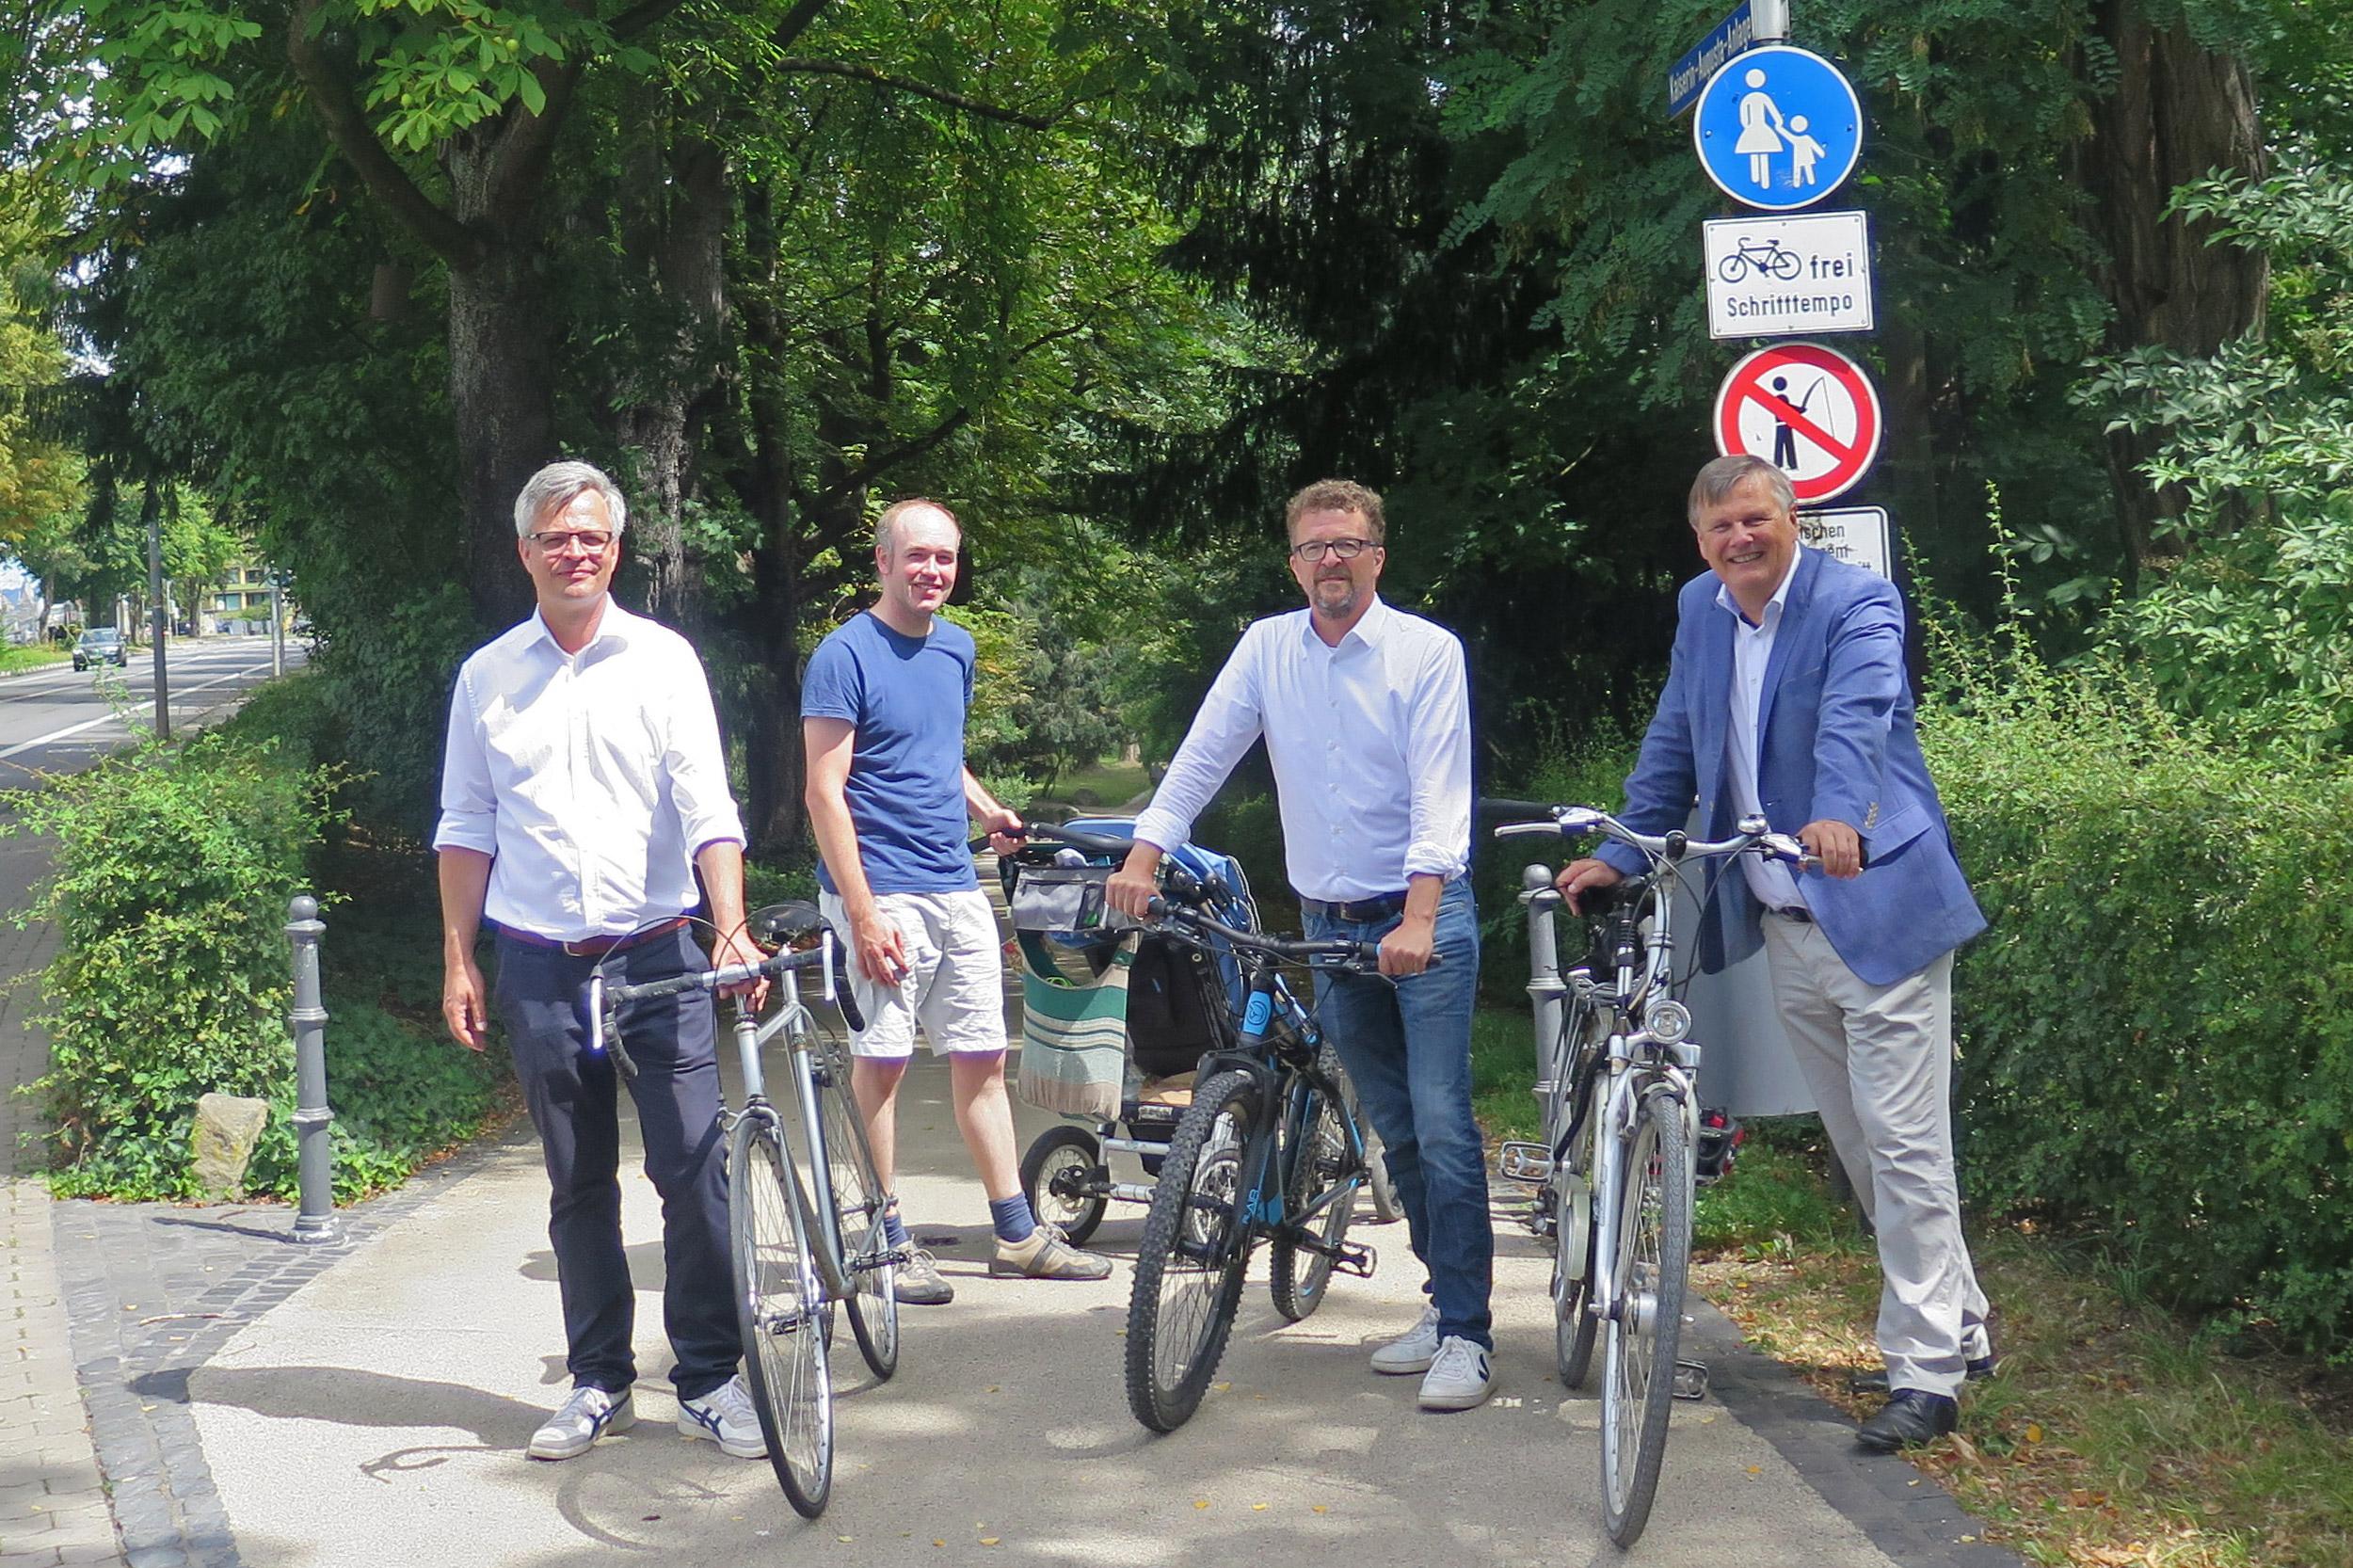 Radfahren in den Rheinanlagen: Grüne fordern weiteren Ausbau des Radweges in der Mainzer Straße